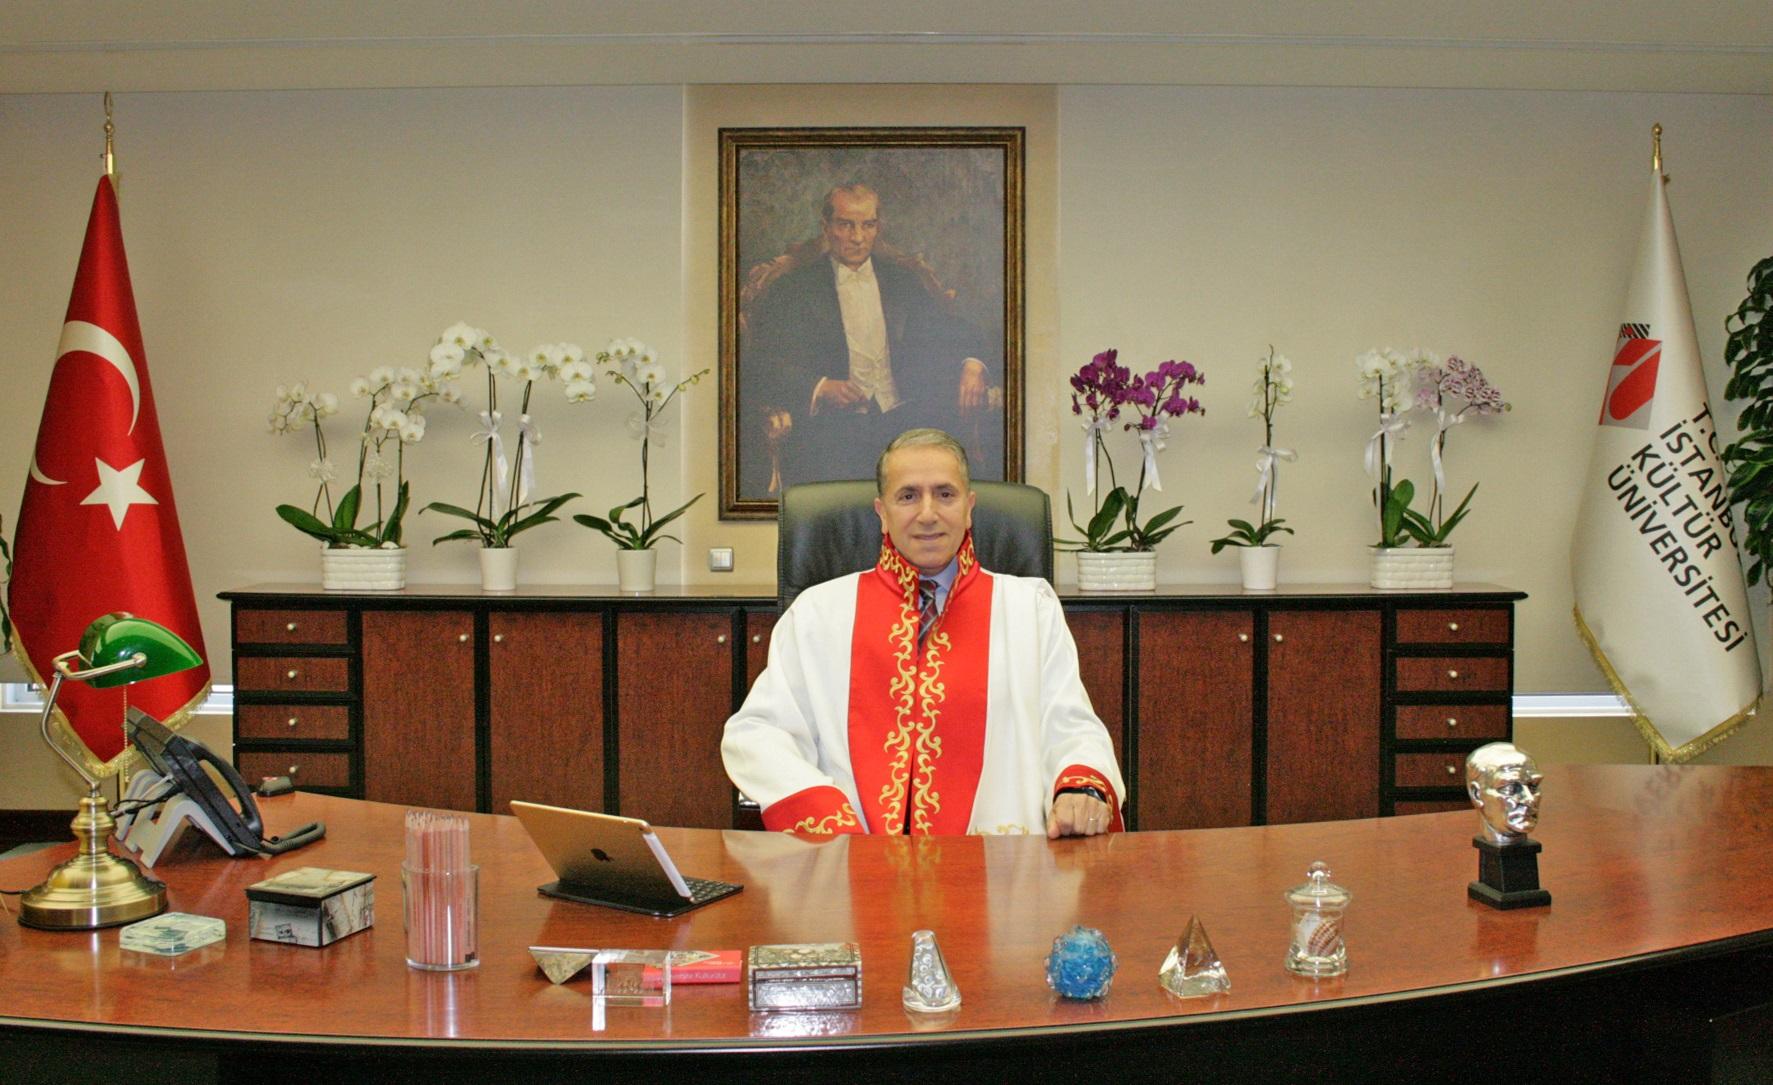 İSTANBUL KÜLTÜR ÜNİVERSİTESİ'NE YENİ REKTÖR